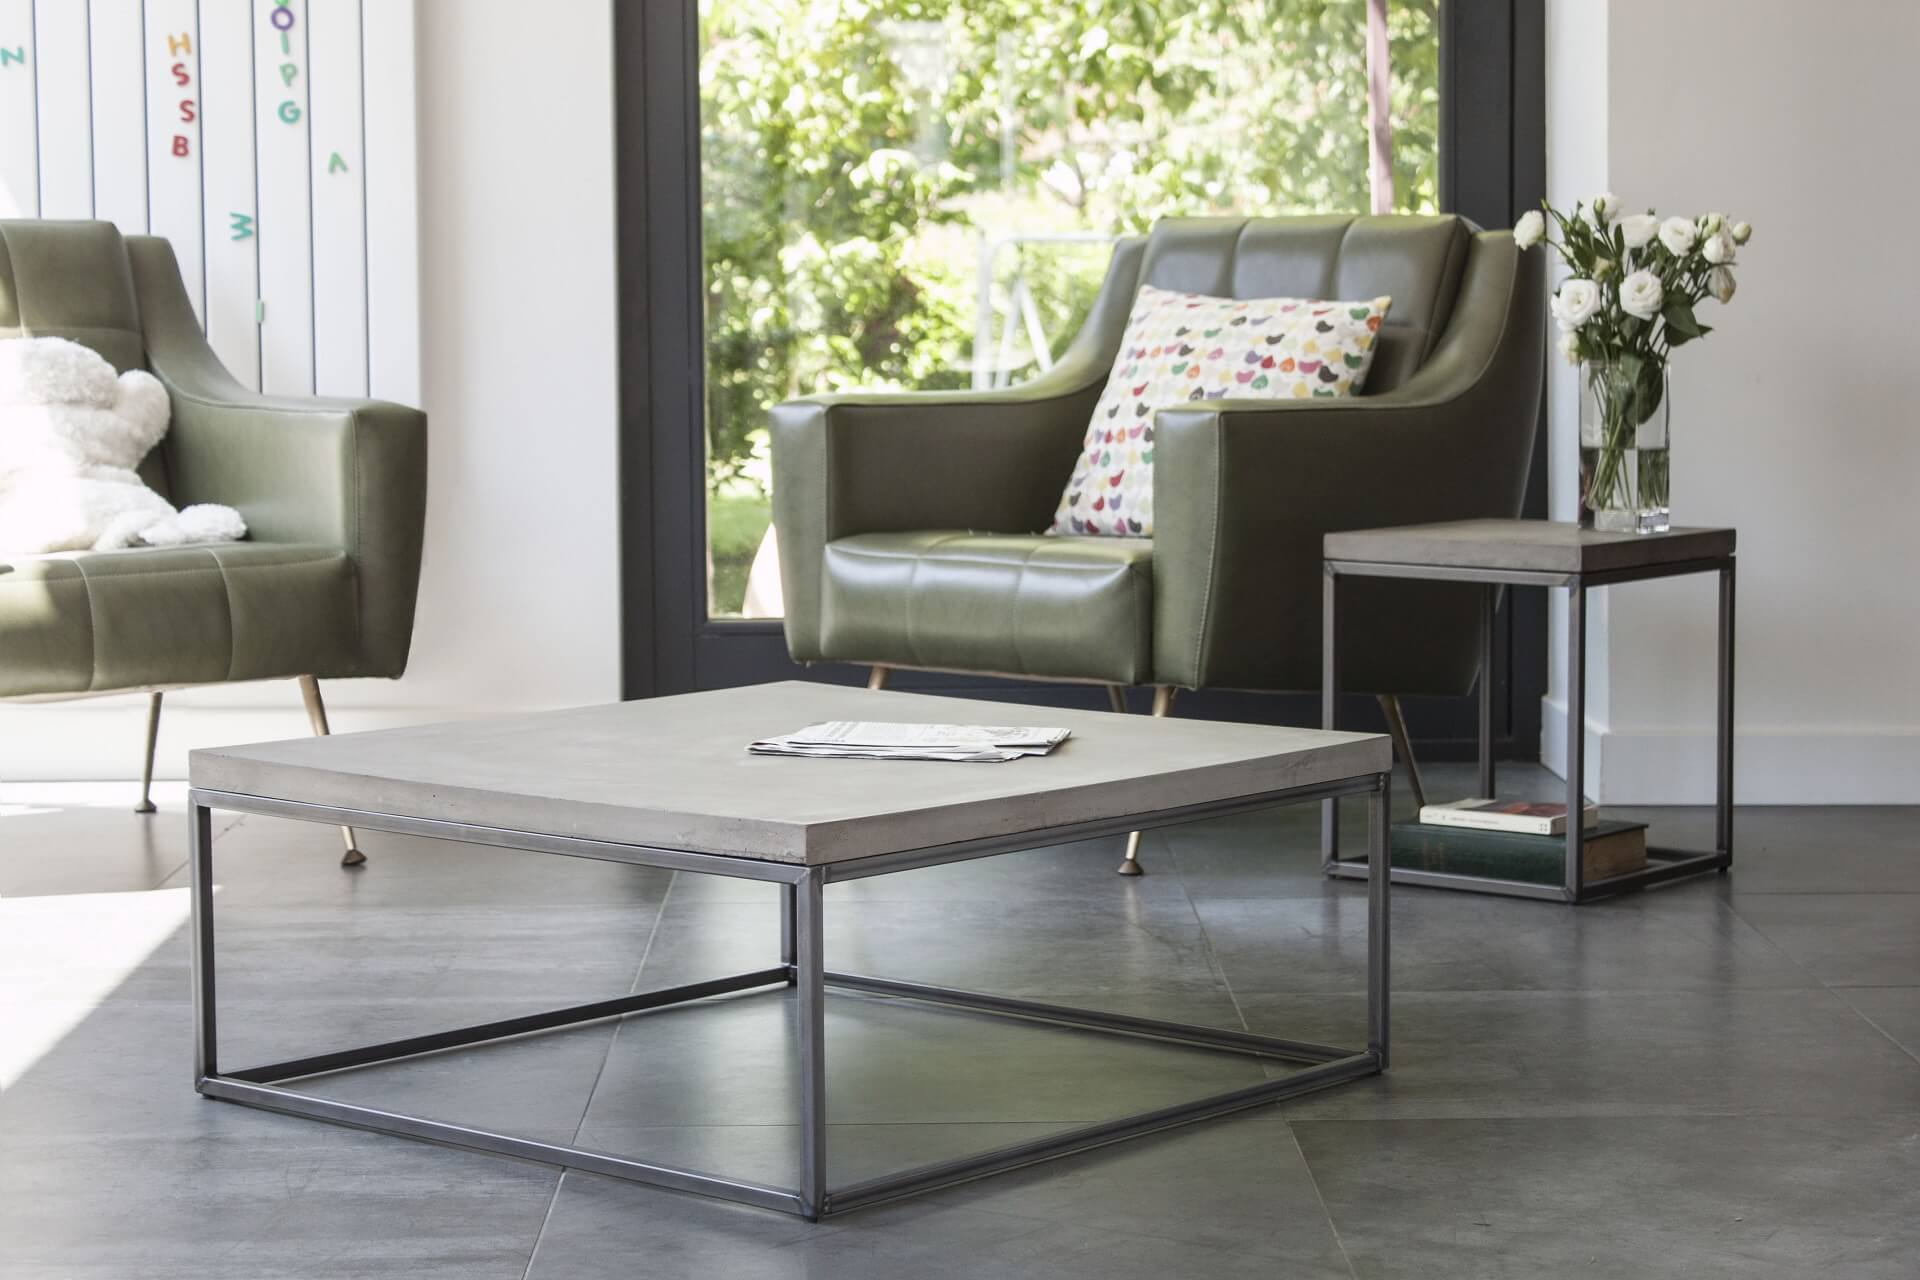 De PERSPECTIVE betonnen salontafel L, met zijn stijlvolle, slanke lijnen en geometrische vorm, is een perfecte keuze voor een moderne en minimalistische inrichting, maar kan ook prima met andere woonstijlen gemixt worden. Deze moderne salontafel met betonnen blad, gecombineerd met een stalen frame geeft het een tijdloos en industrieel design. De PERSPECTIVE-serie is een bewijs dat twee stoere materialen kunnen worden gecombineerd tot een elegant design, als het op de juiste manier wordt gedaan. De betonnen plaat worden gemaakt met een speciaal beton-recept, waarna een speciale olie- en waterafstotende finish wordt aangebracht.